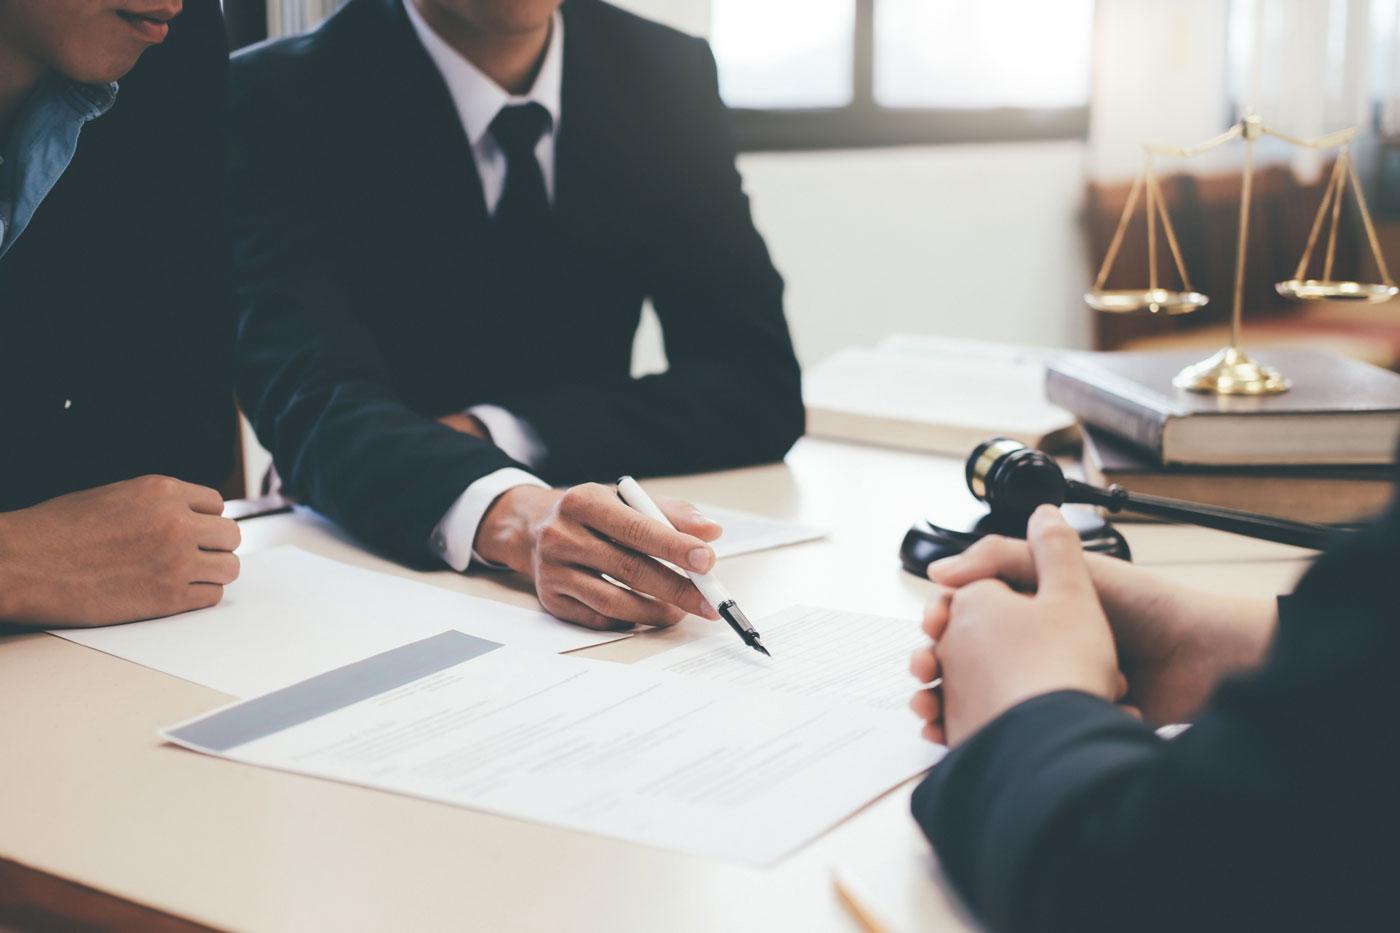 AGENZIA INVESTIGATIVA NAPOLI INDAGINI PER STUDI LEGALI